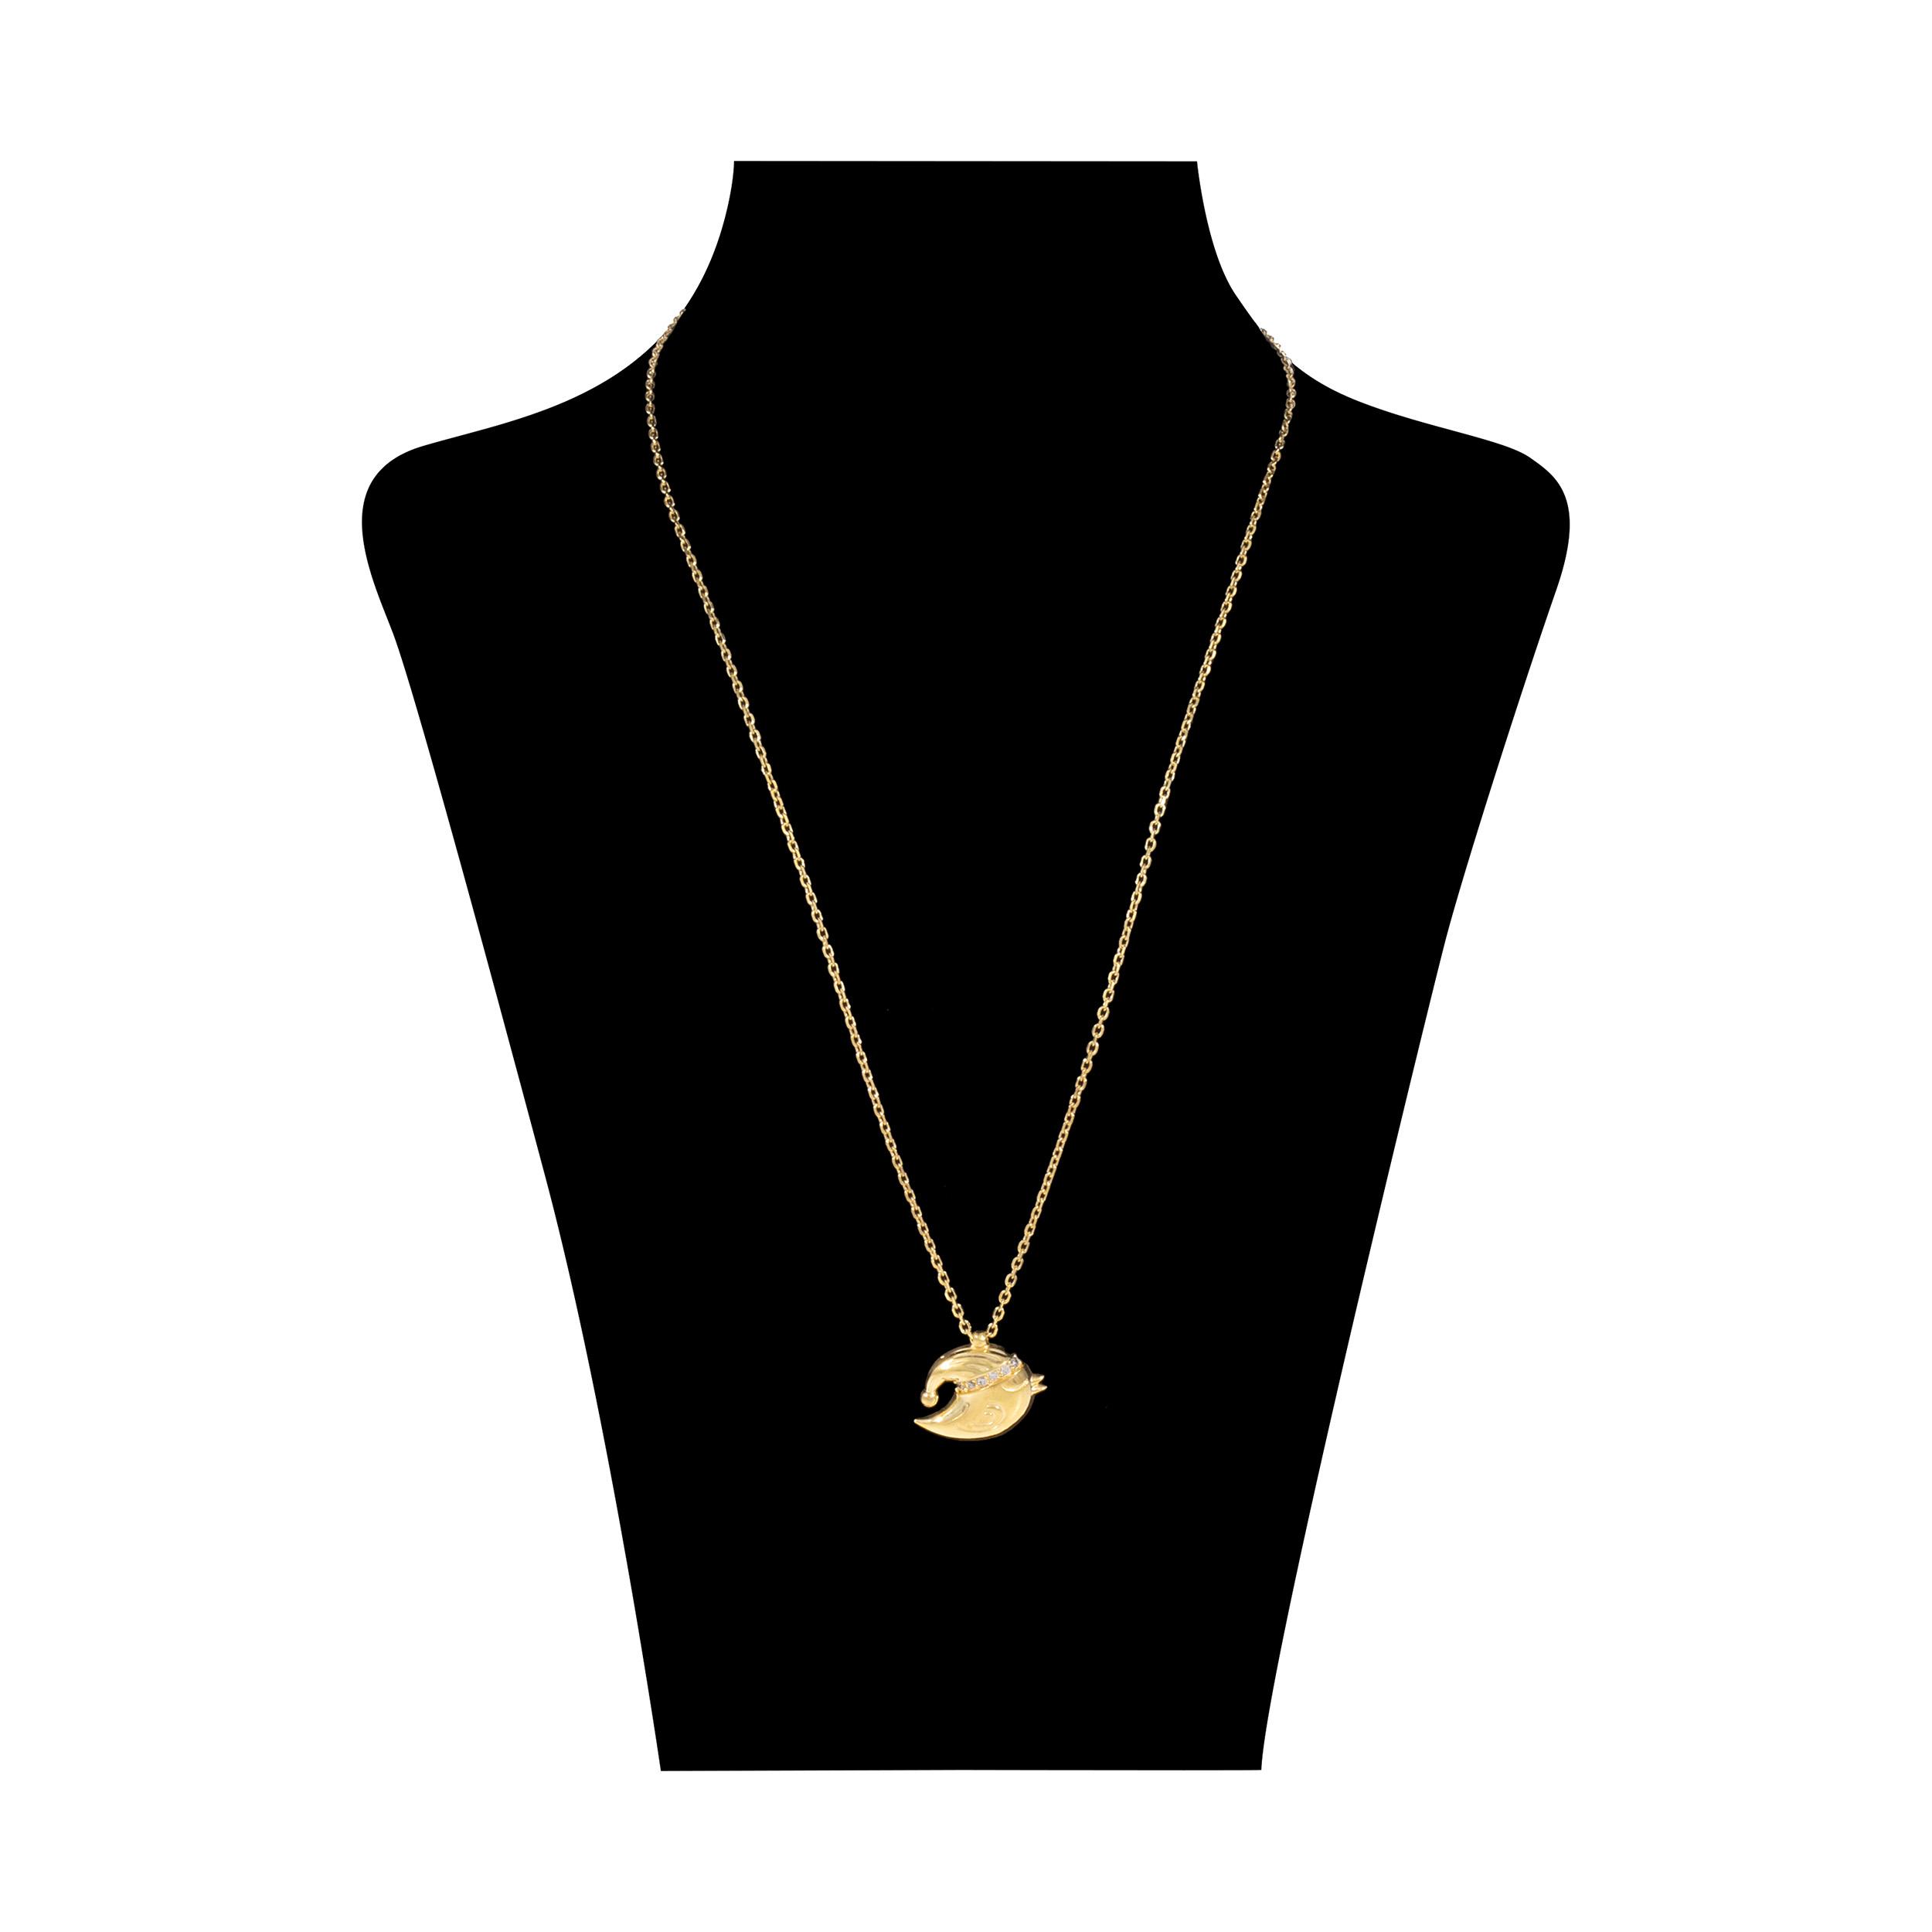 گردنبند نقره زنانه طرح انگری بردز کد M014